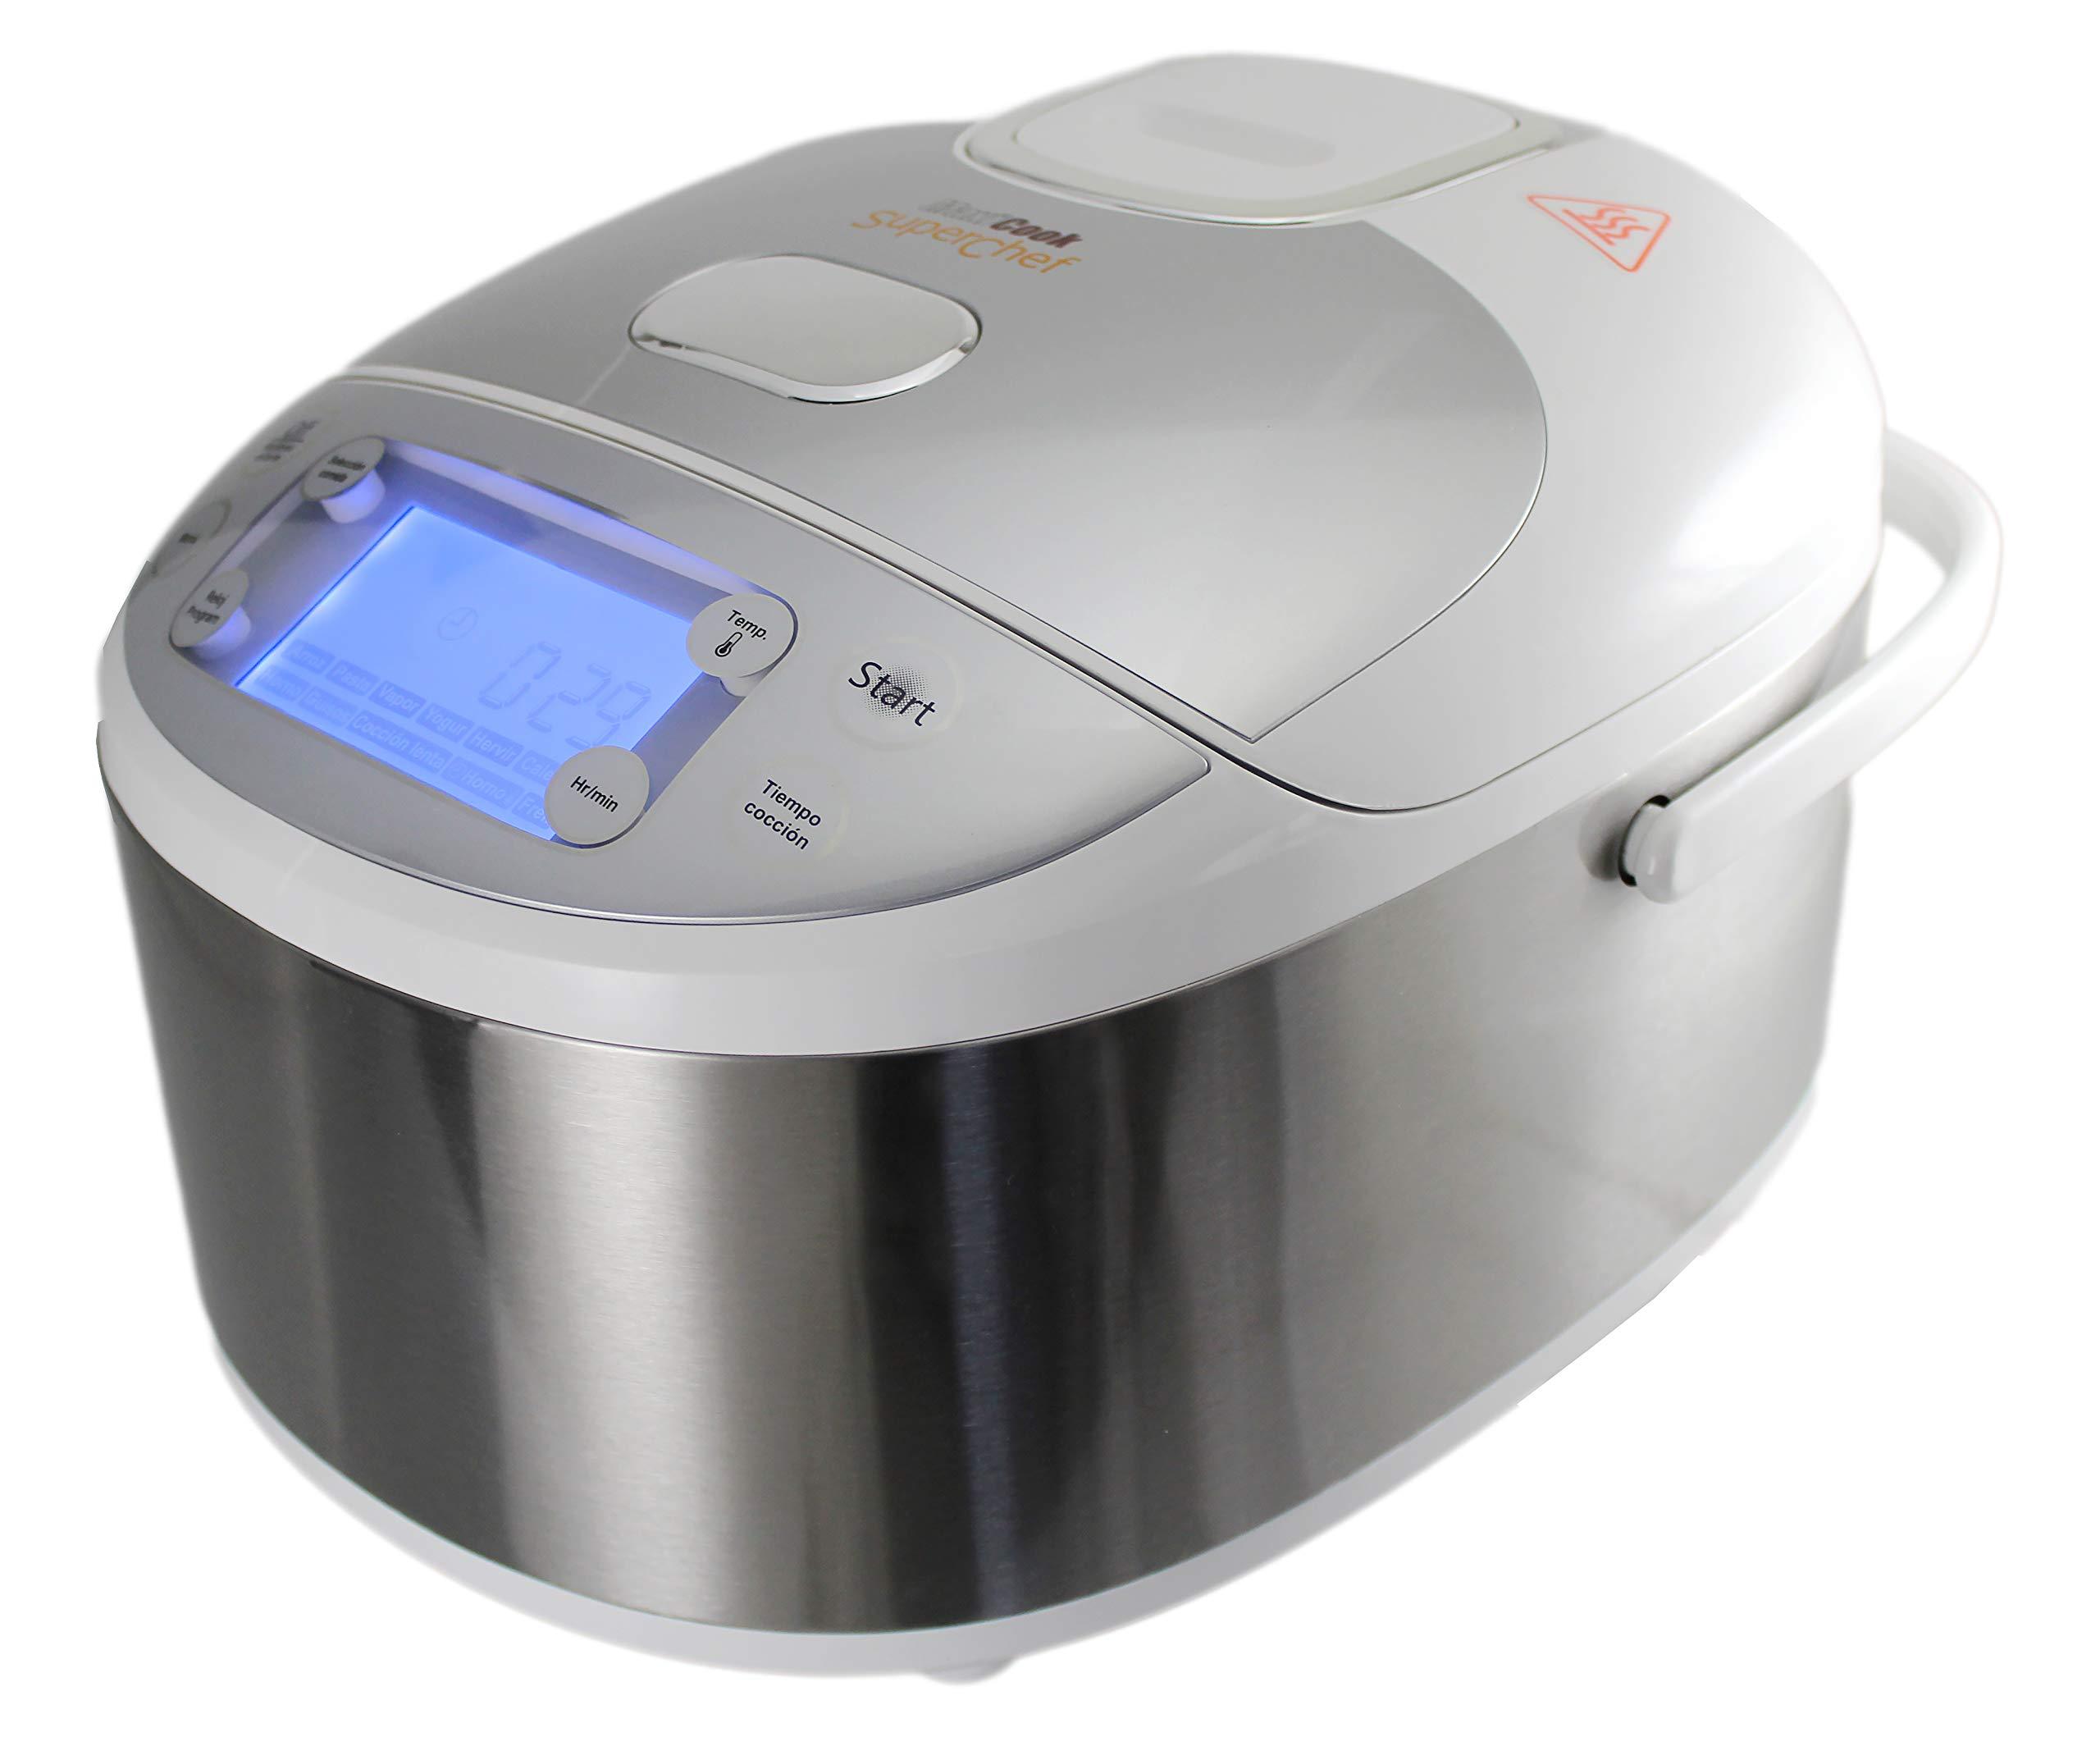 Robot de Cocina Inteligente Superchef CF105S2, 11 funciones de cocción, programable 24 horas